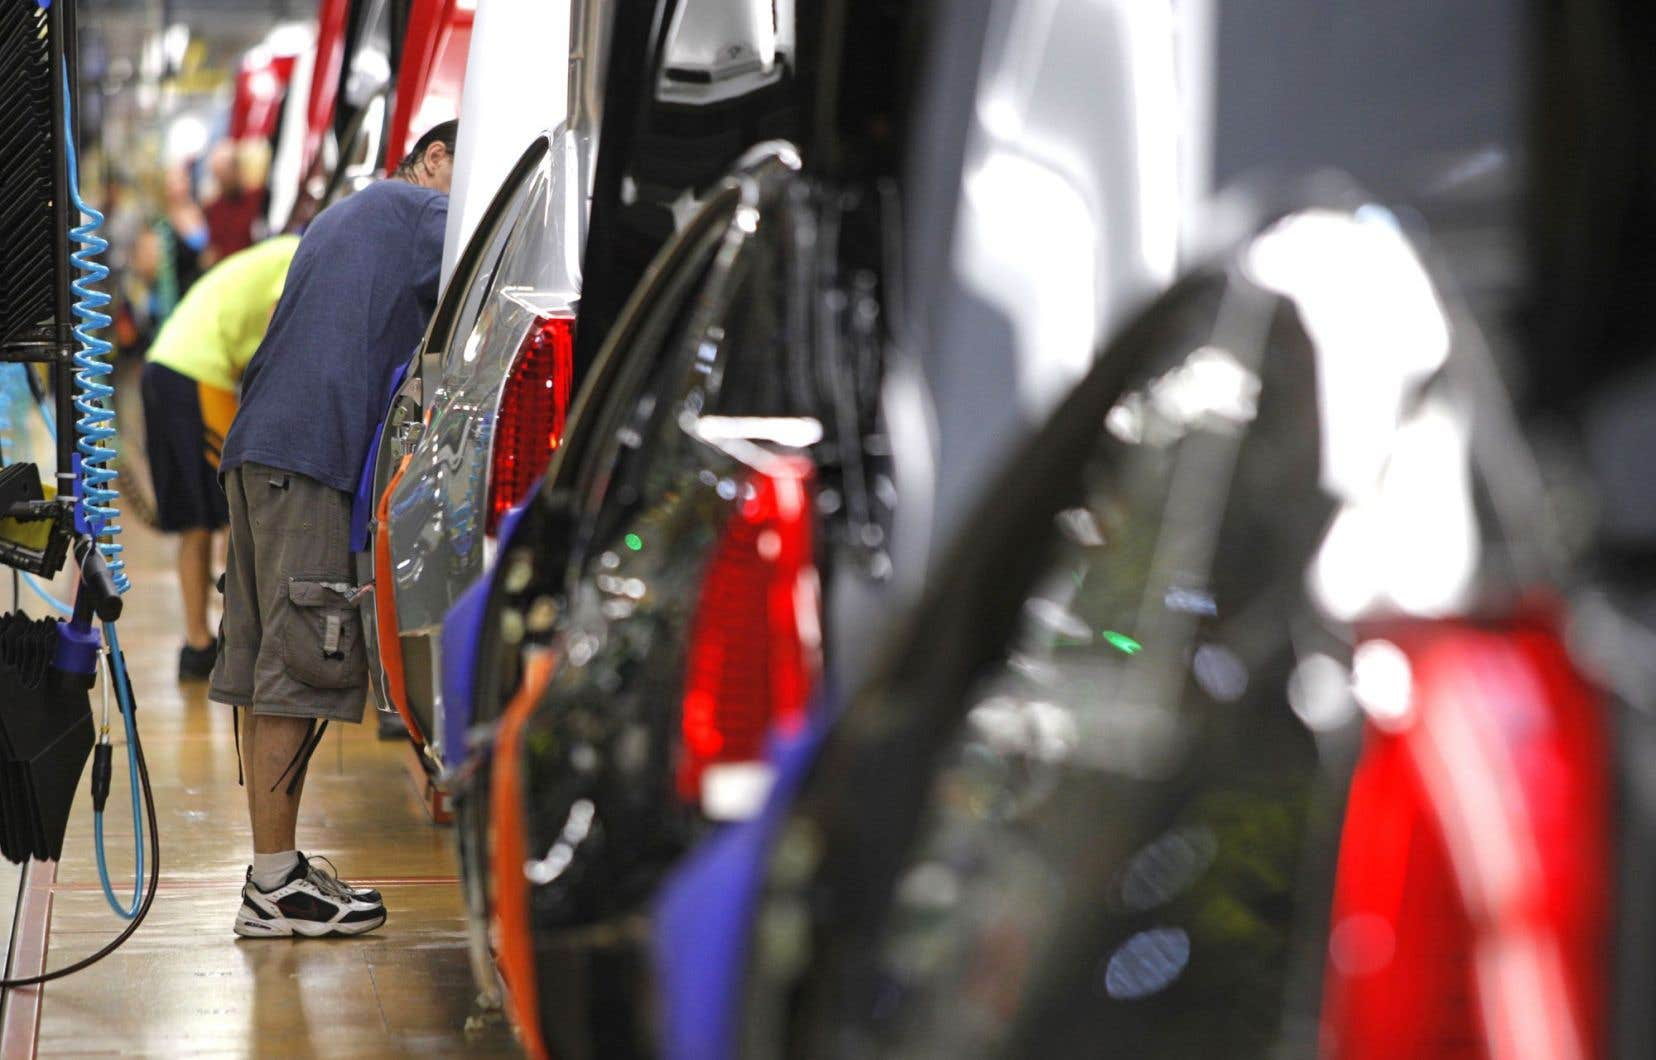 Dans les véhicules défectueux, le commutateur d'allumage peut éteindre le moteur sans avertissement, ce qui peut entraîner des accidents.